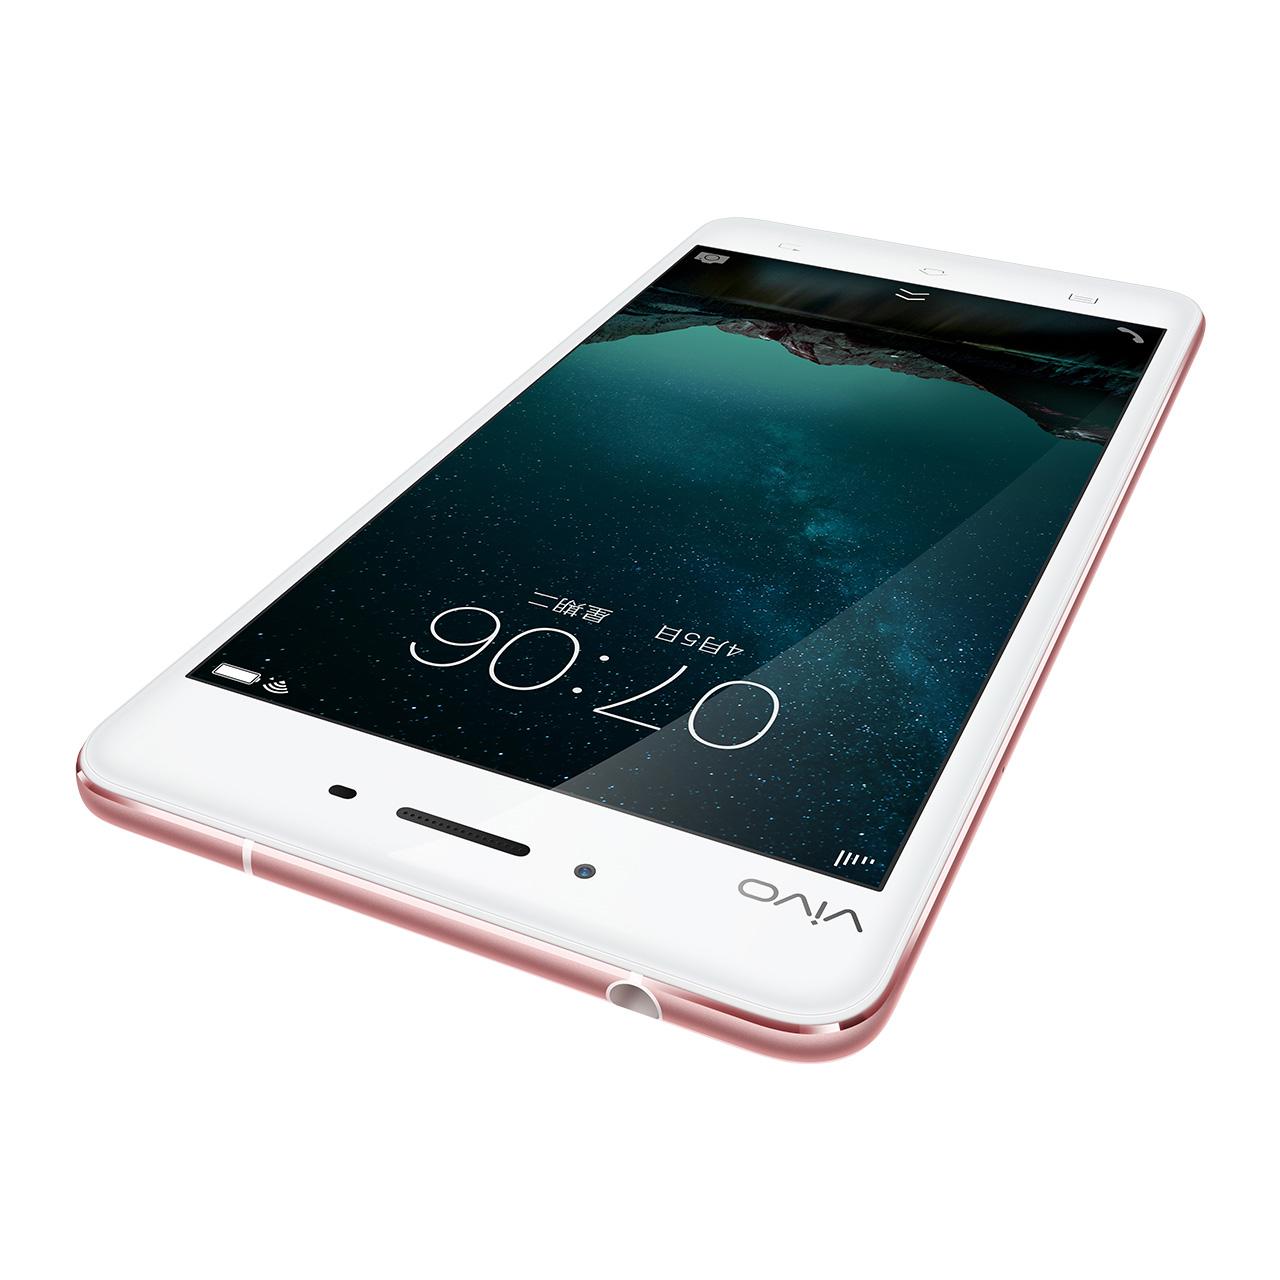 市场价2098,vivo 新手机V3Max官方网站打开预购